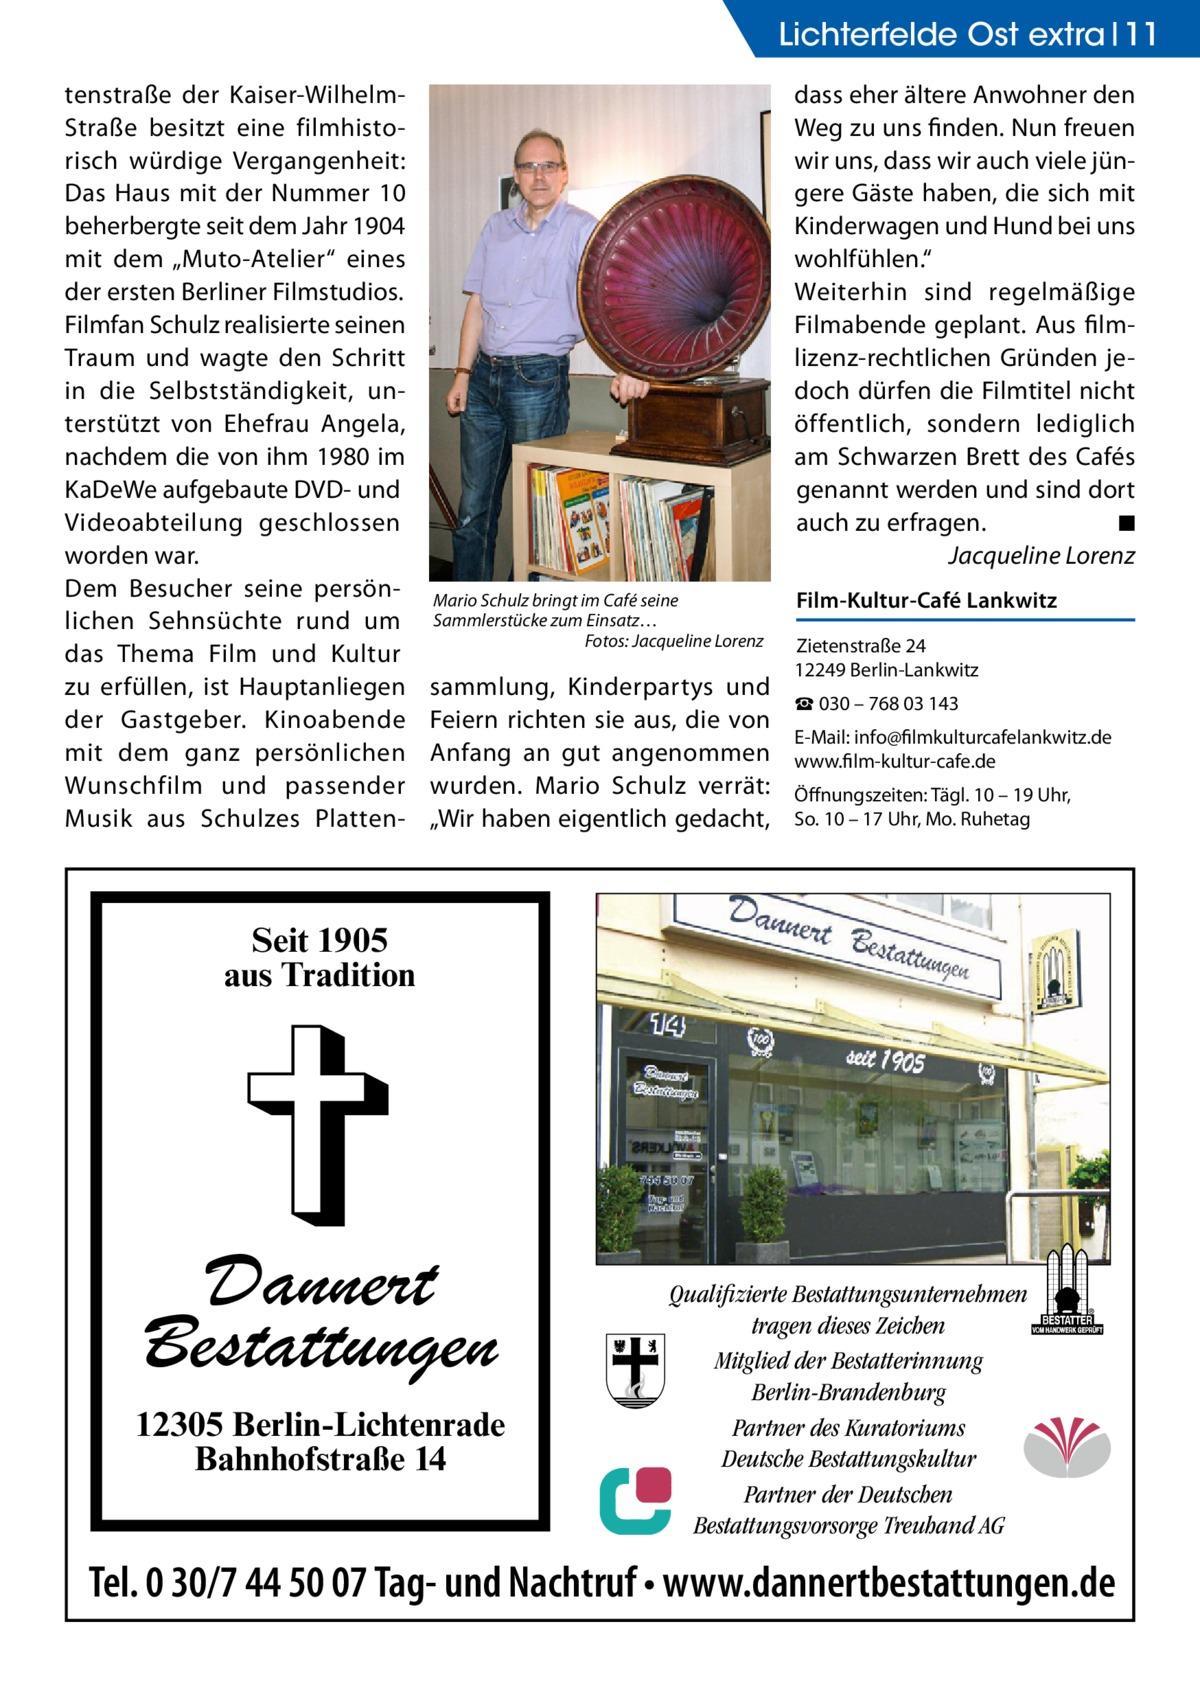 """Lichterfelde Ost extra 11 tenstraße der Kaiser-WilhelmStraße besitzt eine filmhistorisch würdige Vergangenheit: Das Haus mit der Nummer 10 beherbergte seit dem Jahr 1904 mit dem """"Muto-Atelier"""" eines der ersten Berliner Filmstudios. Filmfan Schulz realisierte seinen Traum und wagte den Schritt in die Selbstständigkeit, unterstützt von Ehefrau Angela, nachdem die von ihm 1980 im KaDeWe aufgebaute DVD- und Videoabteilung geschlossen worden war. Dem Besucher seine persönlichen Sehnsüchte rund um das Thema Film und Kultur zu erfüllen, ist Hauptanliegen der Gastgeber. Kinoabende mit dem ganz persönlichen Wunschfilm und passender Musik aus Schulzes Platten dass eher ältere Anwohner den Weg zu uns finden. Nun freuen wir uns, dass wir auch viele jüngere Gäste haben, die sich mit Kinderwagen und Hund bei uns wohlfühlen."""" Weiterhin sind regelmäßige Filmabende geplant. Aus filmlizenz-rechtlichen Gründen jedoch dürfen die Filmtitel nicht öffentlich, sondern lediglich am Schwarzen Brett des Cafés genannt werden und sind dort auch zu erfragen. � ◾ � Jacqueline Lorenz Mario Schulz bringt im Café seine Sammlerstücke zum Einsatz… � Fotos: Jacqueline Lorenz  sammlung, Kinderpartys und Feiern richten sie aus, die von Anfang an gut angenommen wurden. Mario Schulz verrät: """"Wir haben eigentlich gedacht,  Film-Kultur-Café Lankwitz Zietenstraße 24 12249 Berlin-Lankwitz ☎ 030 – 768 03 143 E-Mail: info@filmkulturcafelankwitz.de www.film-kultur-cafe.de Öffnungszeiten: Tägl. 10 – 19 Uhr, So. 10 – 17 Uhr, Mo. Ruhetag  Seit 1905 aus Tradition  Dannert Bestattungen 12305 Berlin-Lichtenrade Bahnhofstraße 14  Qualifizierte Bestattungsunternehmen tragen dieses Zeichen Mitglied der Bestatterinnung Berlin-Brandenburg Partner des Kuratoriums Deutsche Bestattungskultur Partner der Deutschen Bestattungsvorsorge Treuhand AG  Tel. 0 30/7 44 50 07 Tag- und Nachtruf • www.dannertbestattungen.de"""